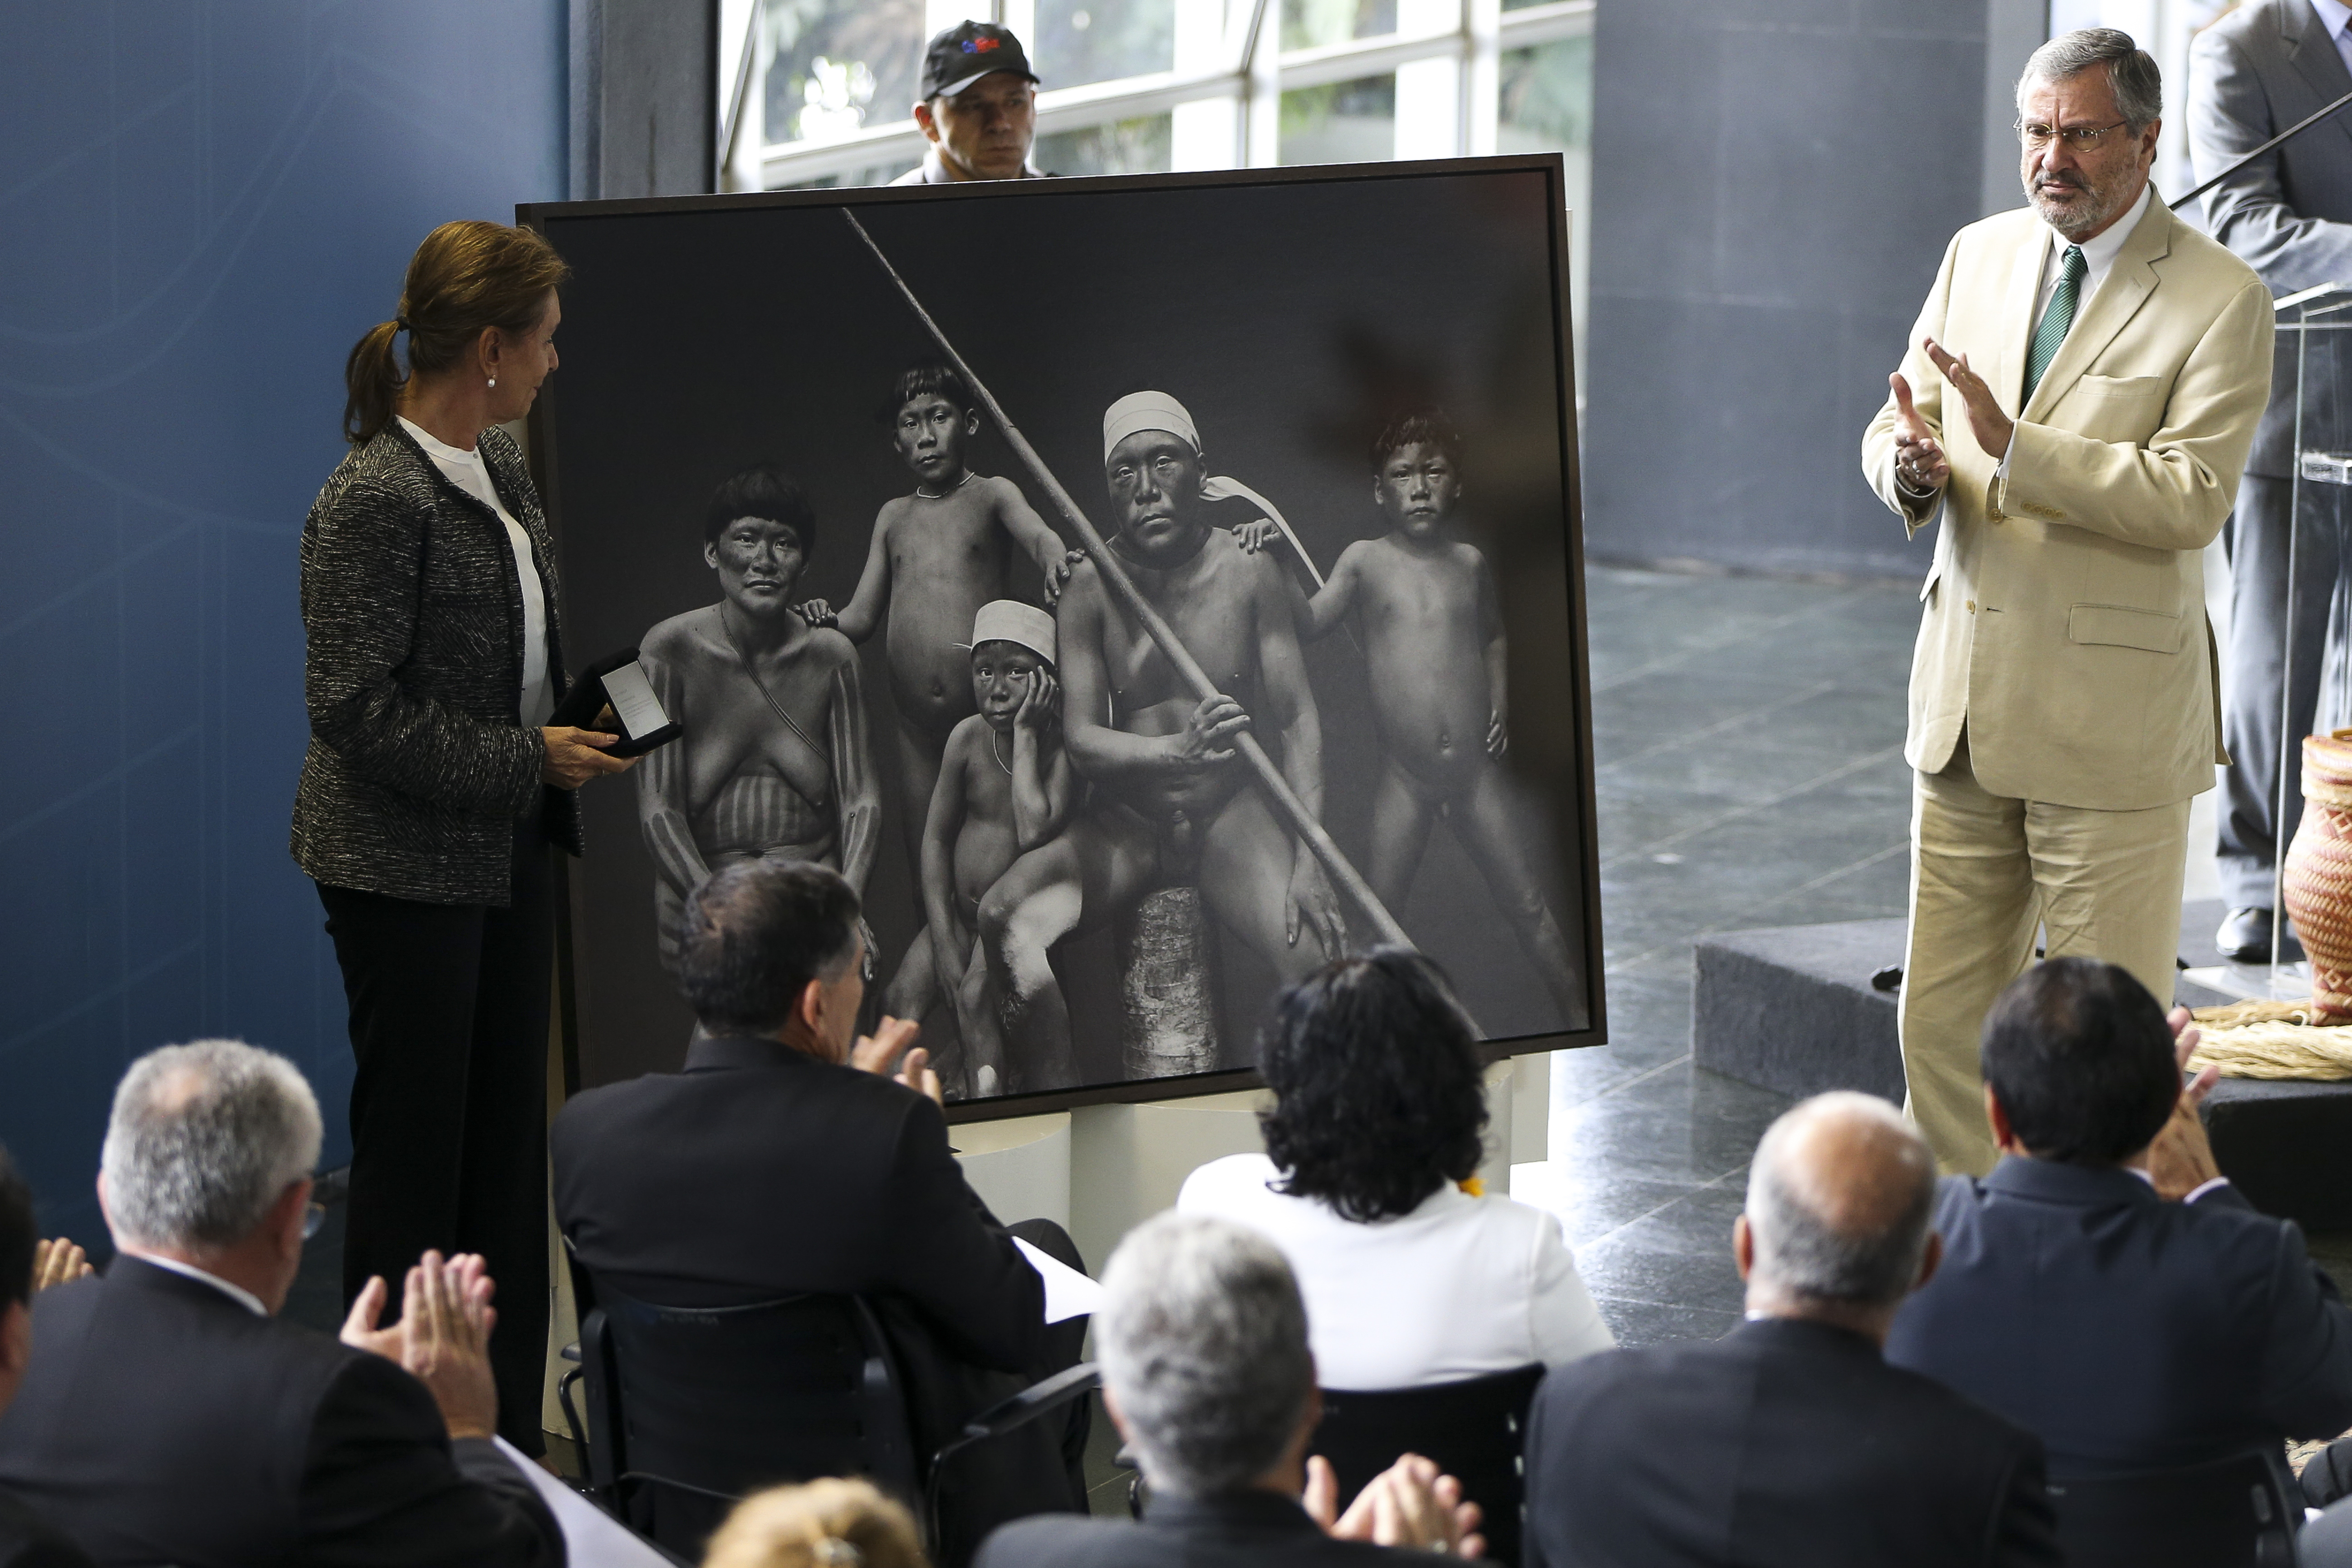 Brasília - O ministro da Justiça, Torquato Jardim recebe fotografia feita por Sebastião Salgado durante a abertura da Semana do Índio (Marcelo Camargo/Agência Brasil)